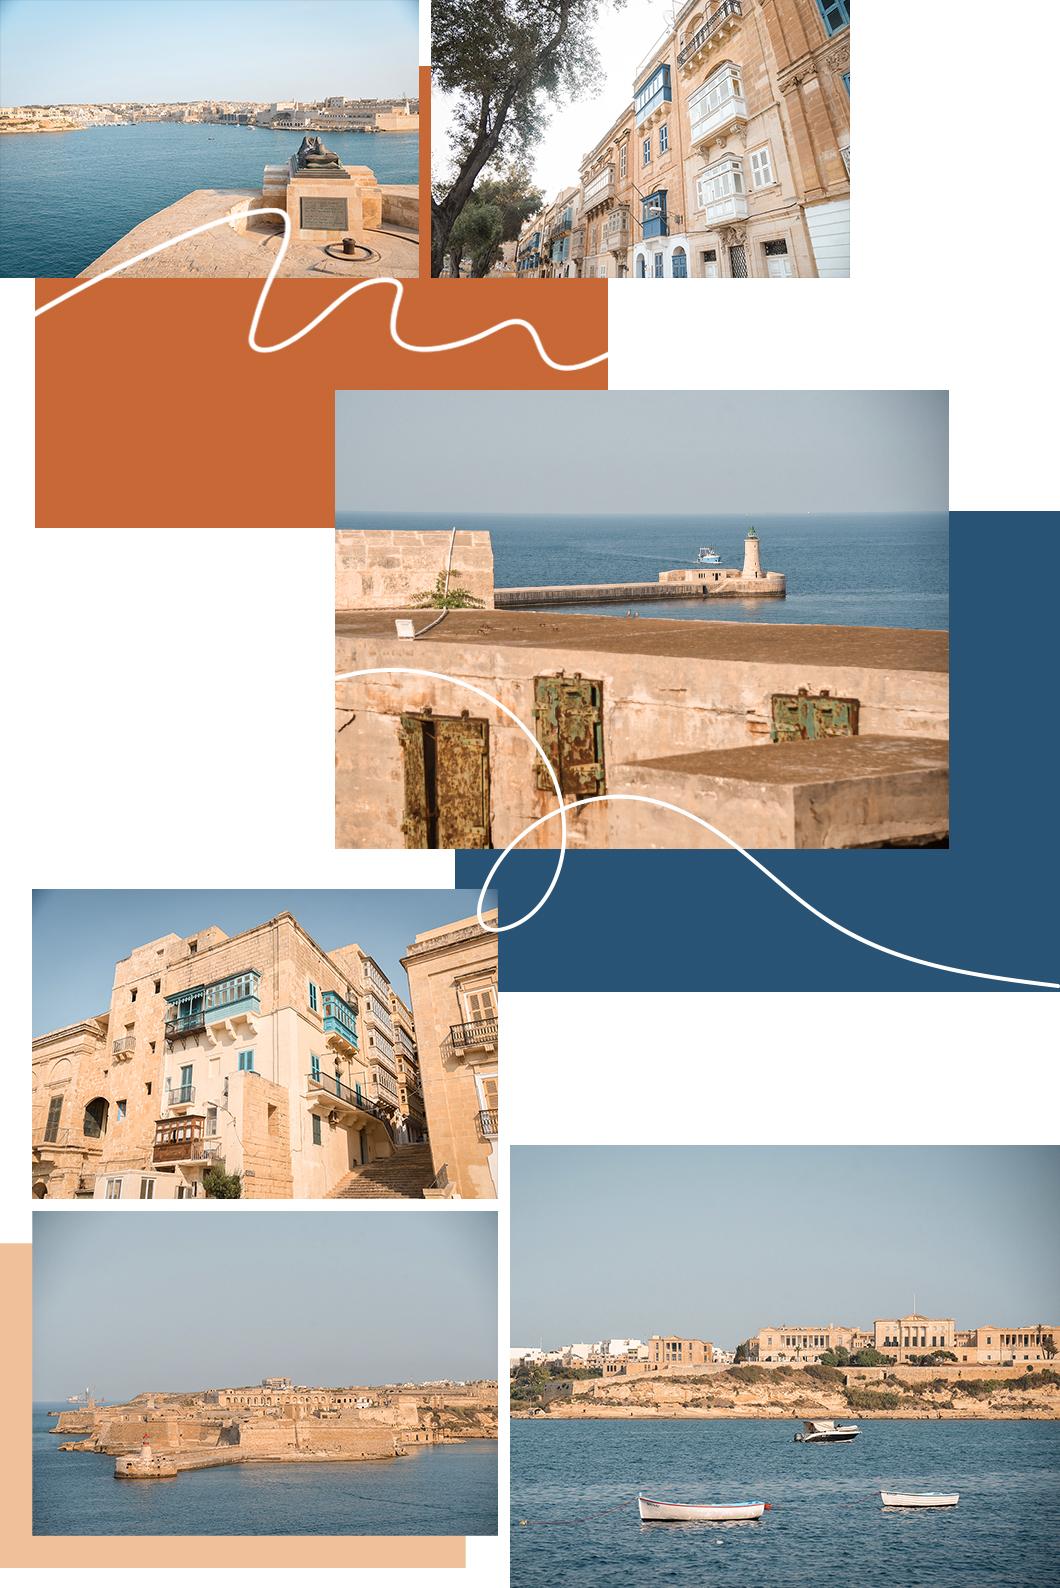 Les incontournables à Valette à Malte